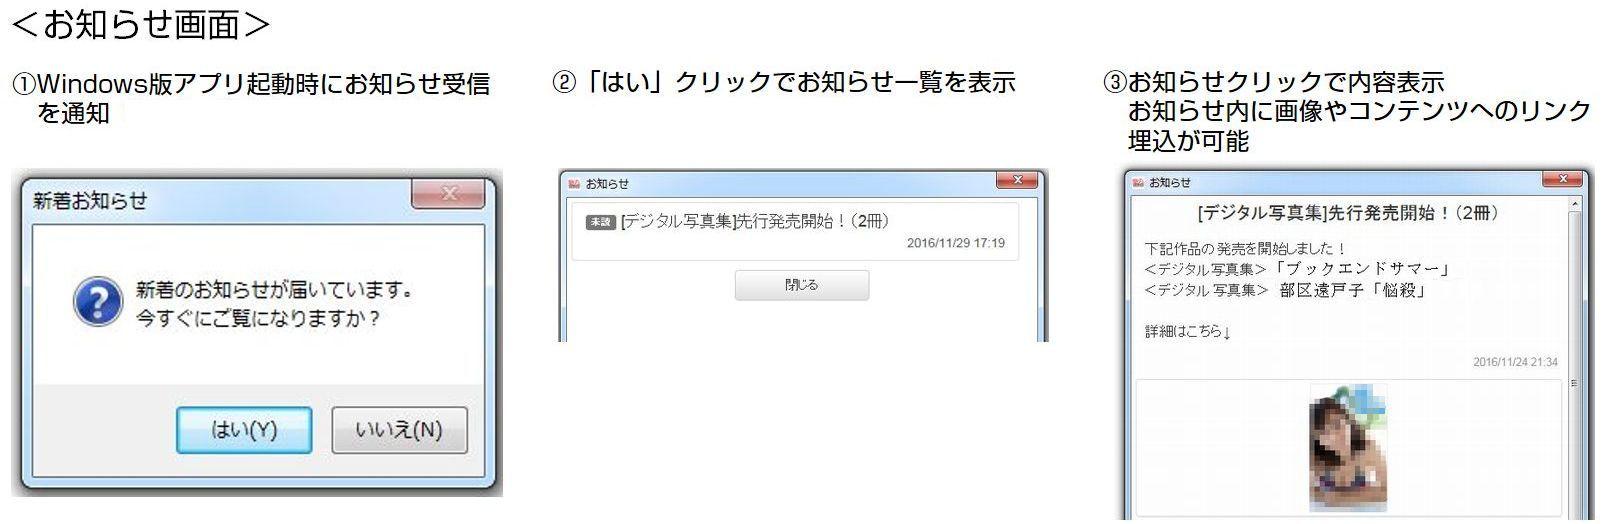 お知らせ画面